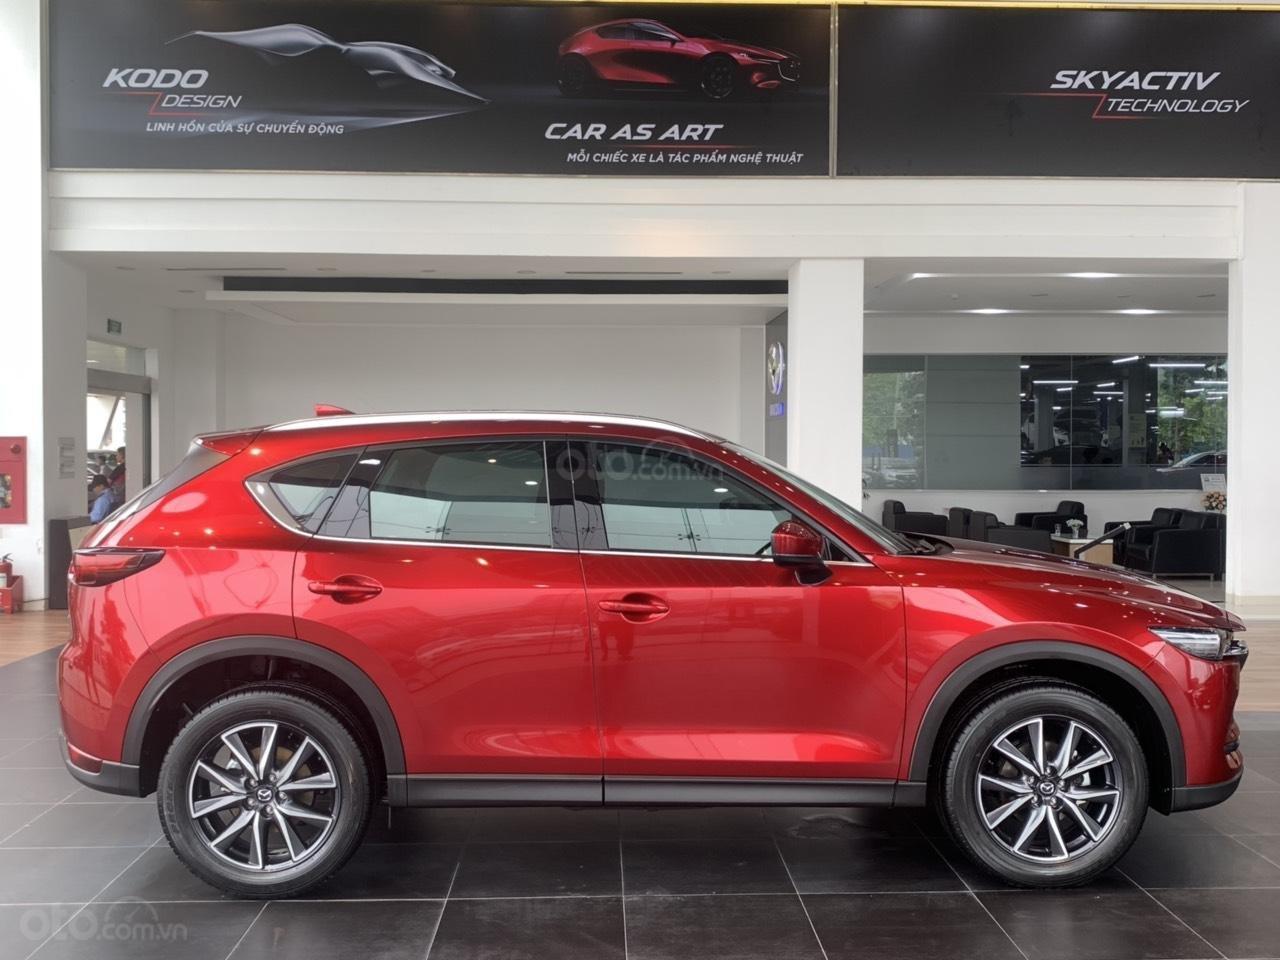 Mazda CX5 2.0 2019 ưu đãi T10 100tr, TG 90%, hỗ trợ giao xe, ĐKĐK, giải quyết nợ xấu, LH 0981 485 819 (2)